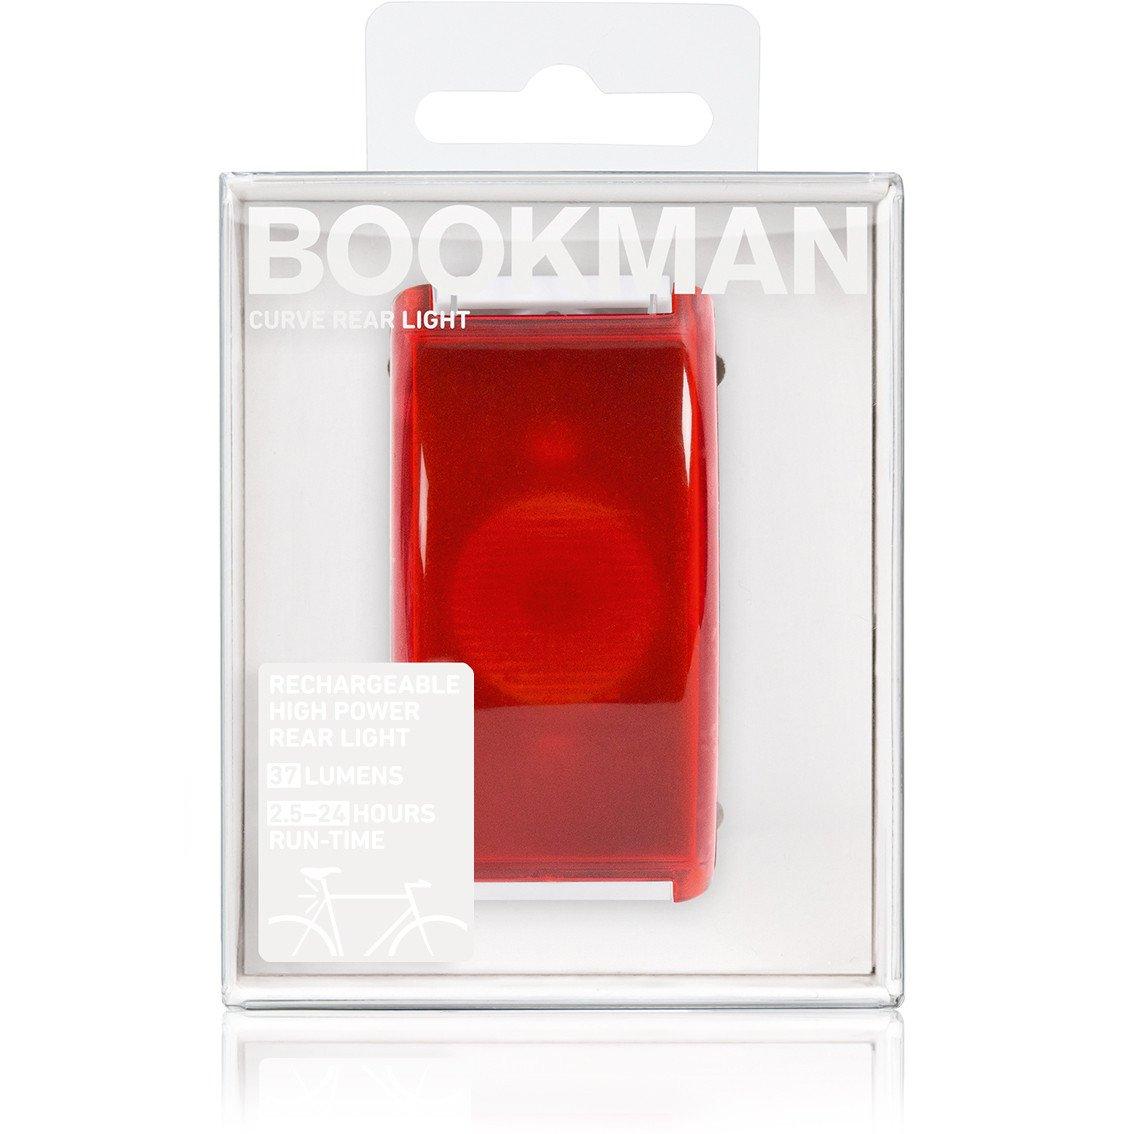 Bookman Curve baglygte USB hvid | Rear lights